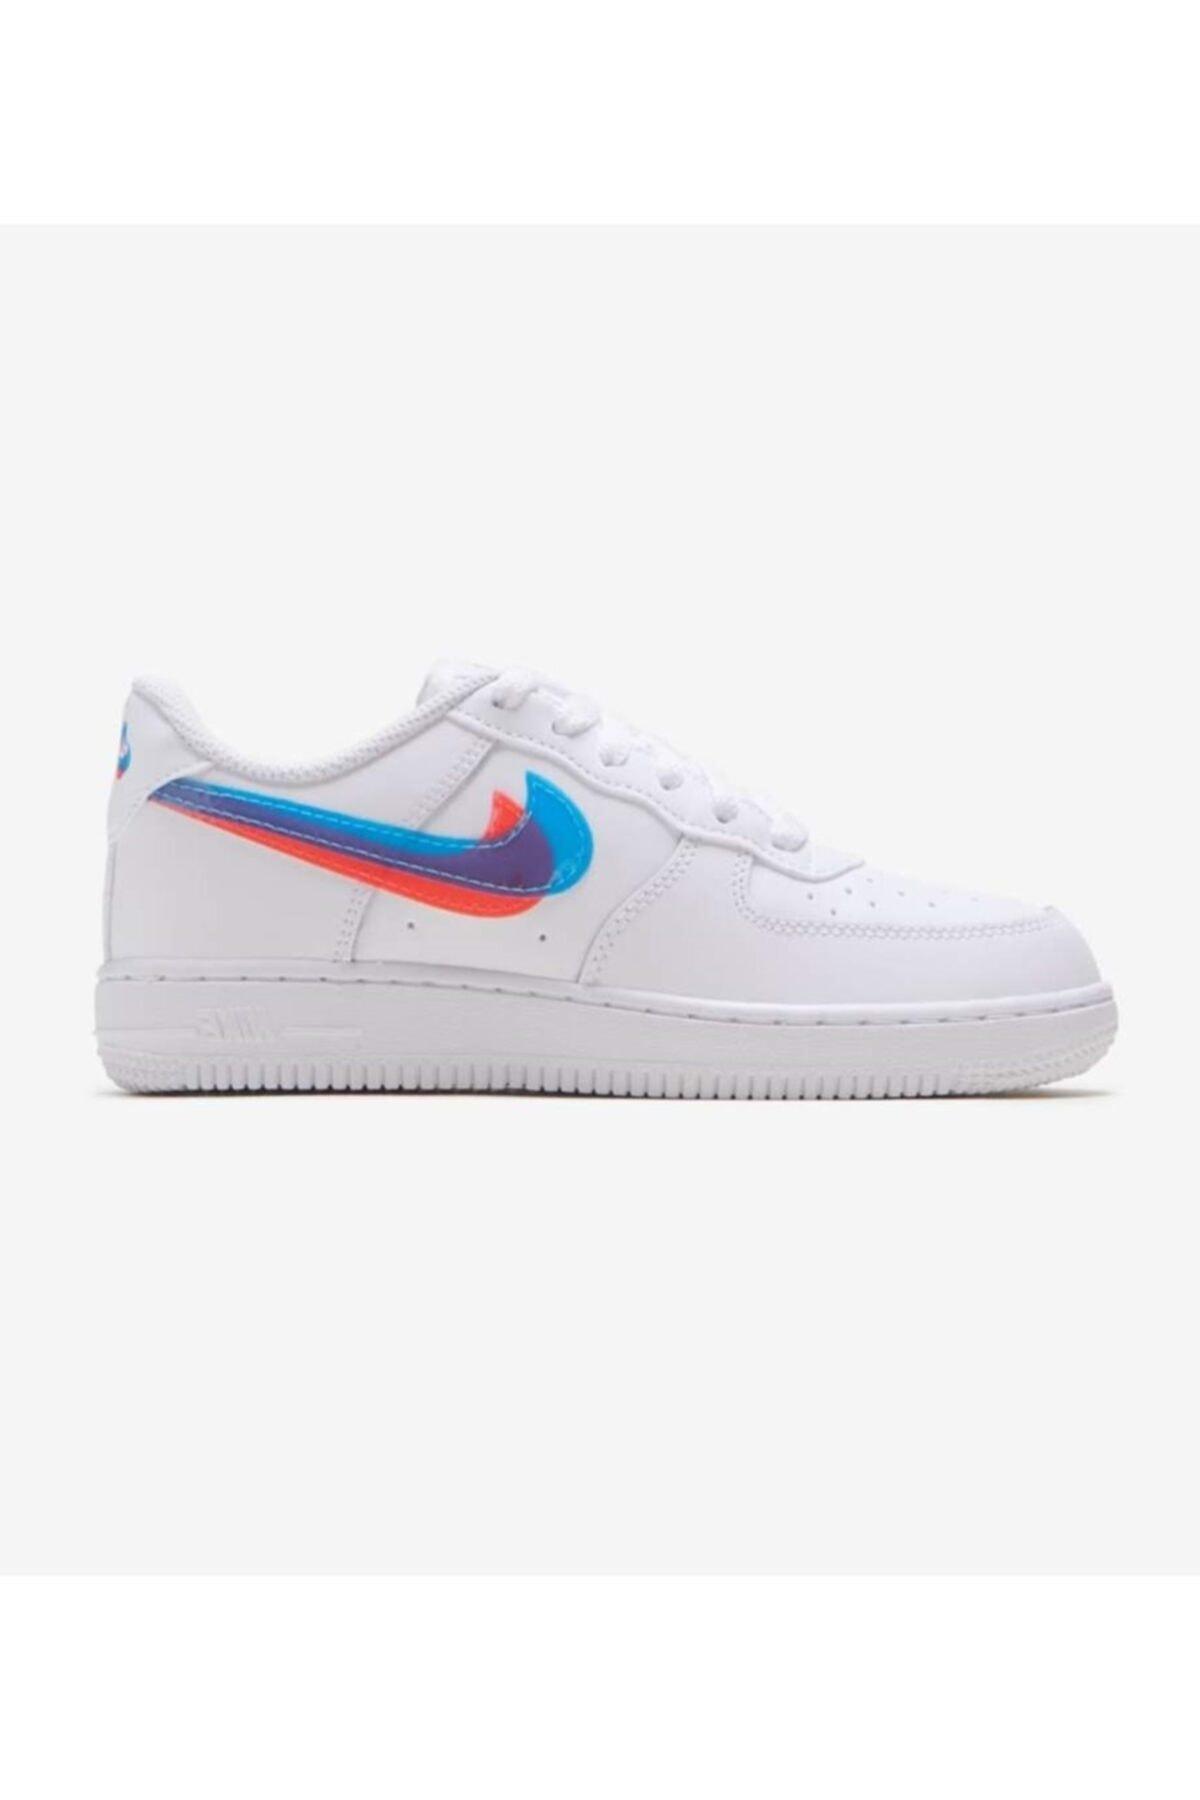 Nike Force 1 Lv8 / Cj7160-100 Spor Ayakkabı 1